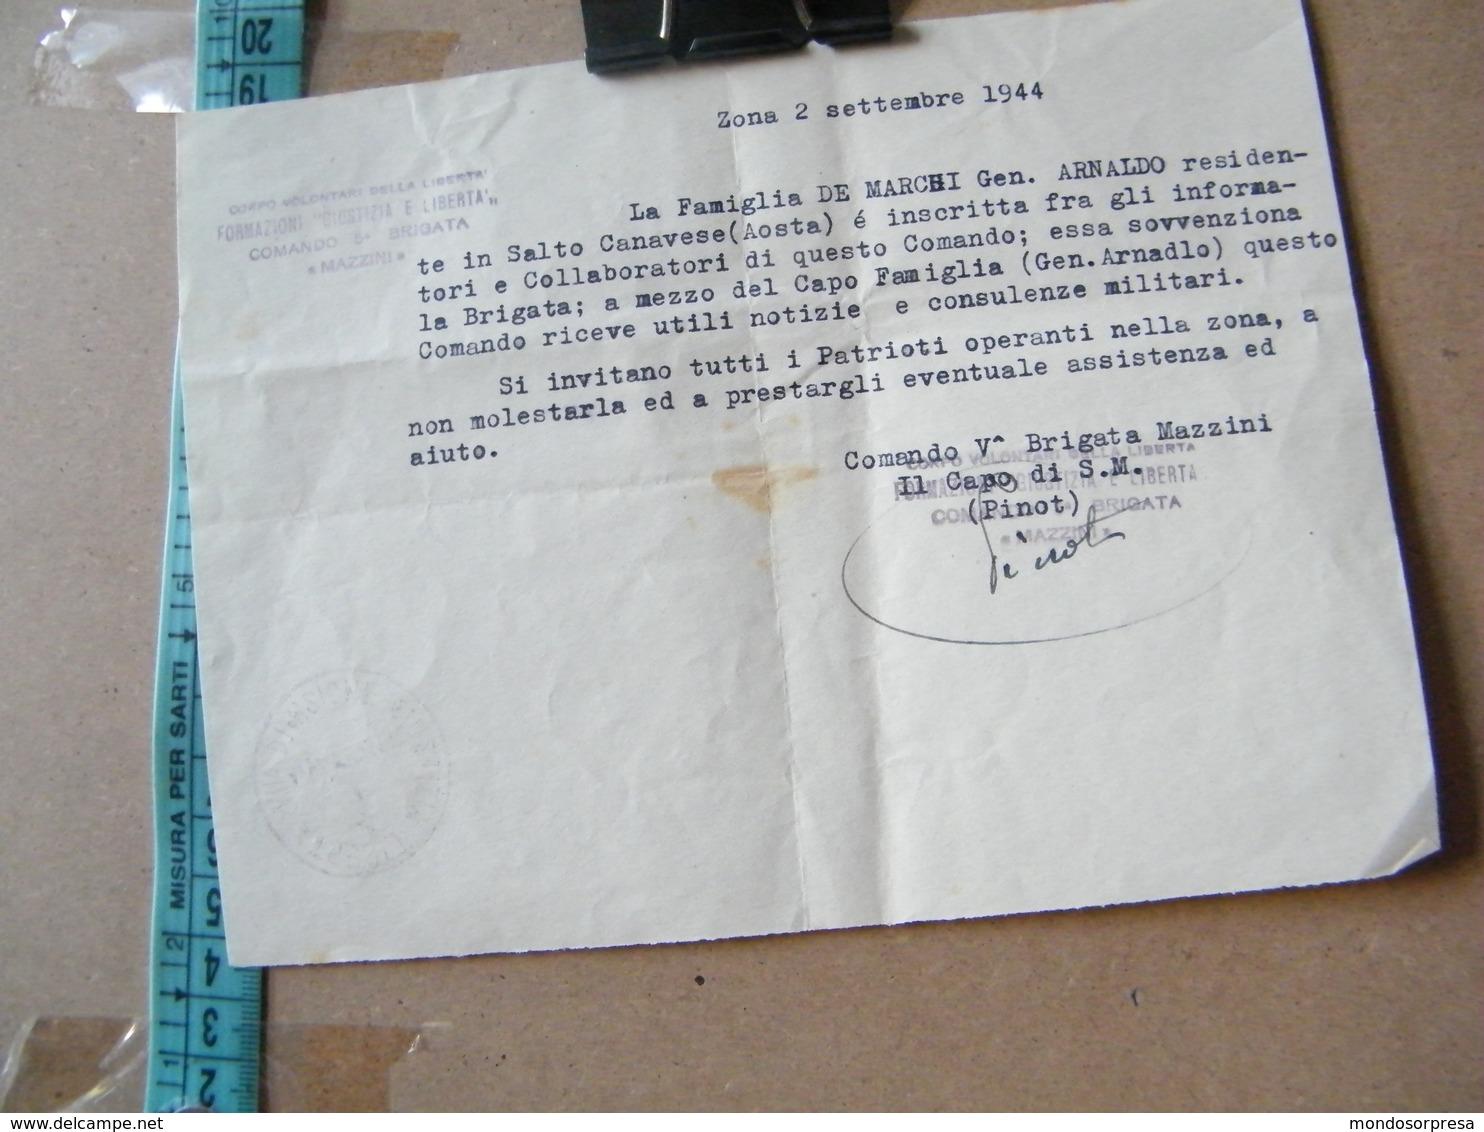 MONDOSORPRESA, CORPO VOLONTARI DELLA LIBERTA' 5° BRIGATA MAZZINI ANNO 1944 - ZONA 2 - SALTO CANAVESE - Documenti